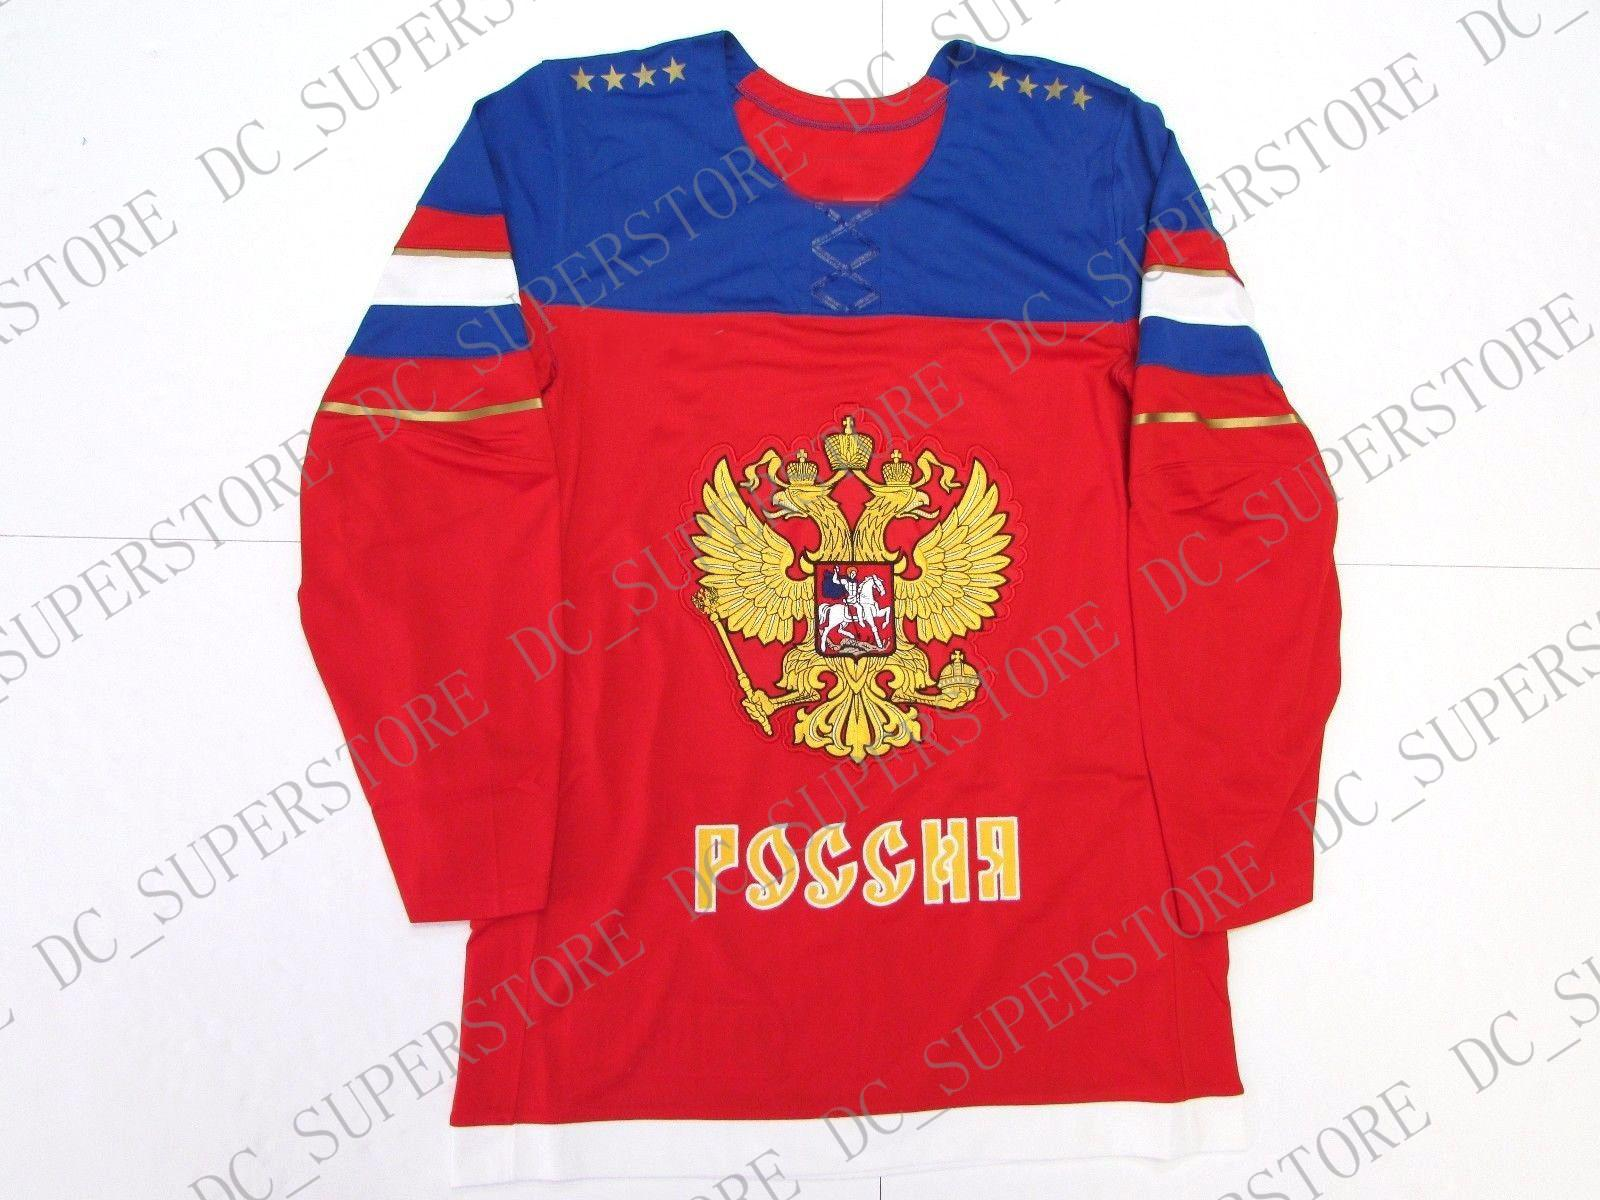 Günstige benutzerdefinierte TEAM RUSSIA RED 2014 SOCHI WINTER OLYMPICS HERREN EISHOCKEY JERSEY Stich addieren Sie irgendeine Zahl jeden Namen Mens